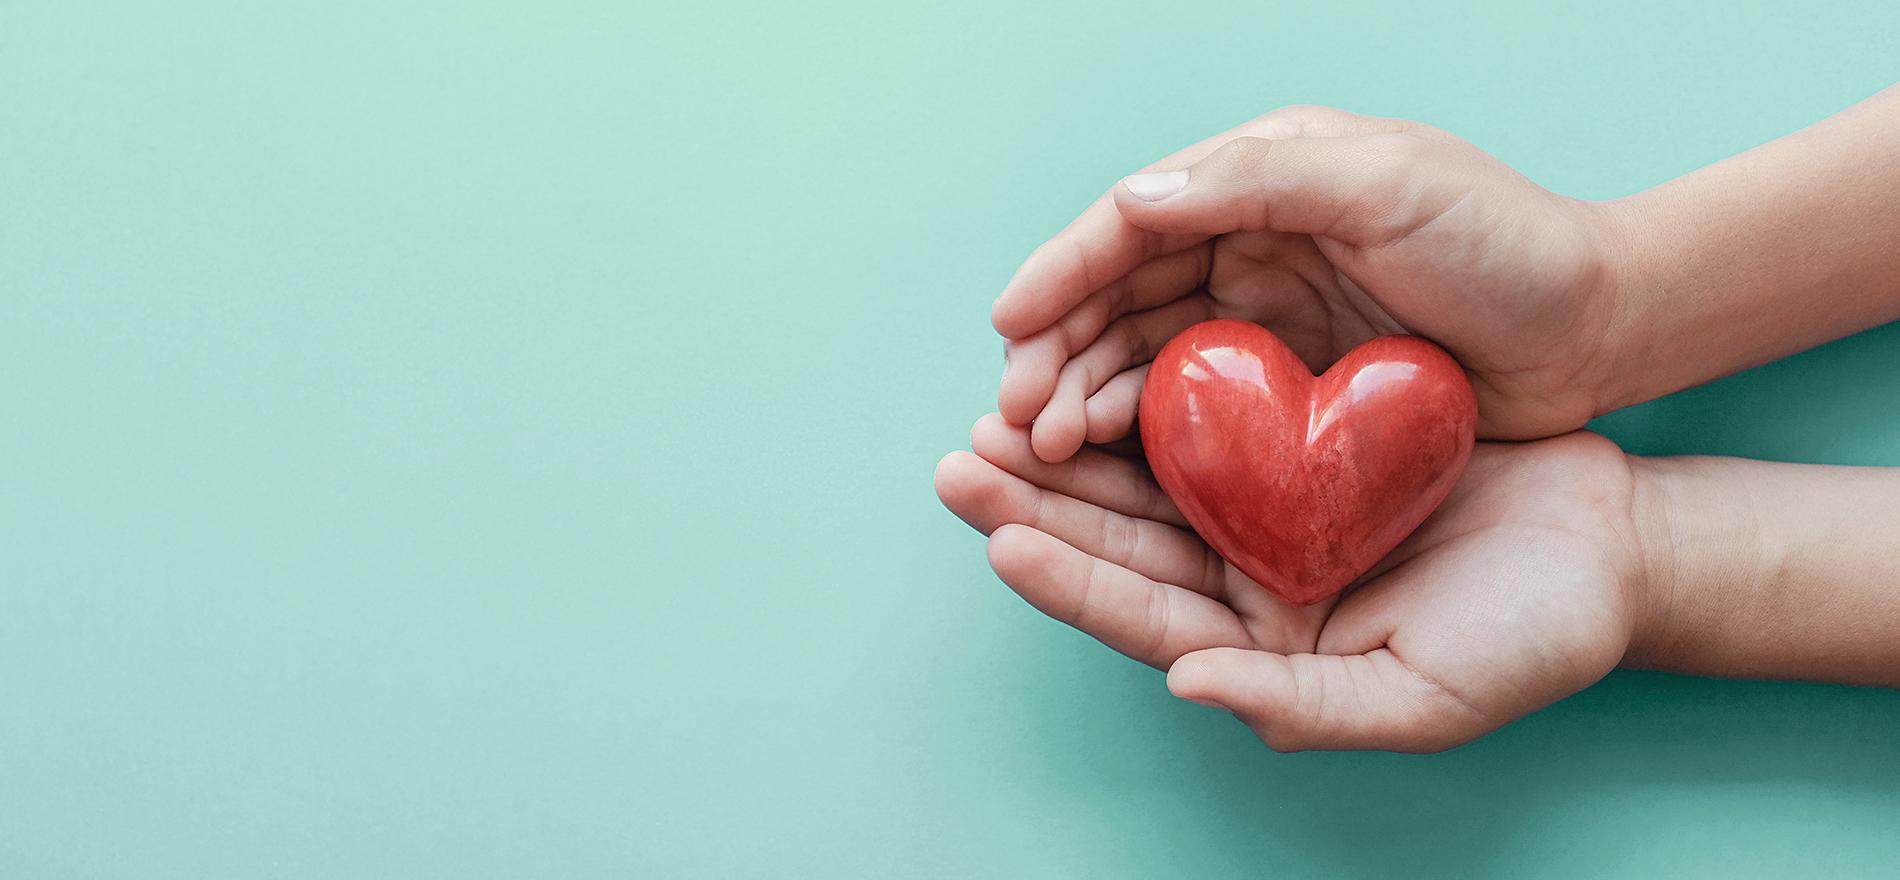 『思いやり』とは 他人に対する「礼」を具体的に表現することであり、 常に高い道徳観を持ち続ける事であります。